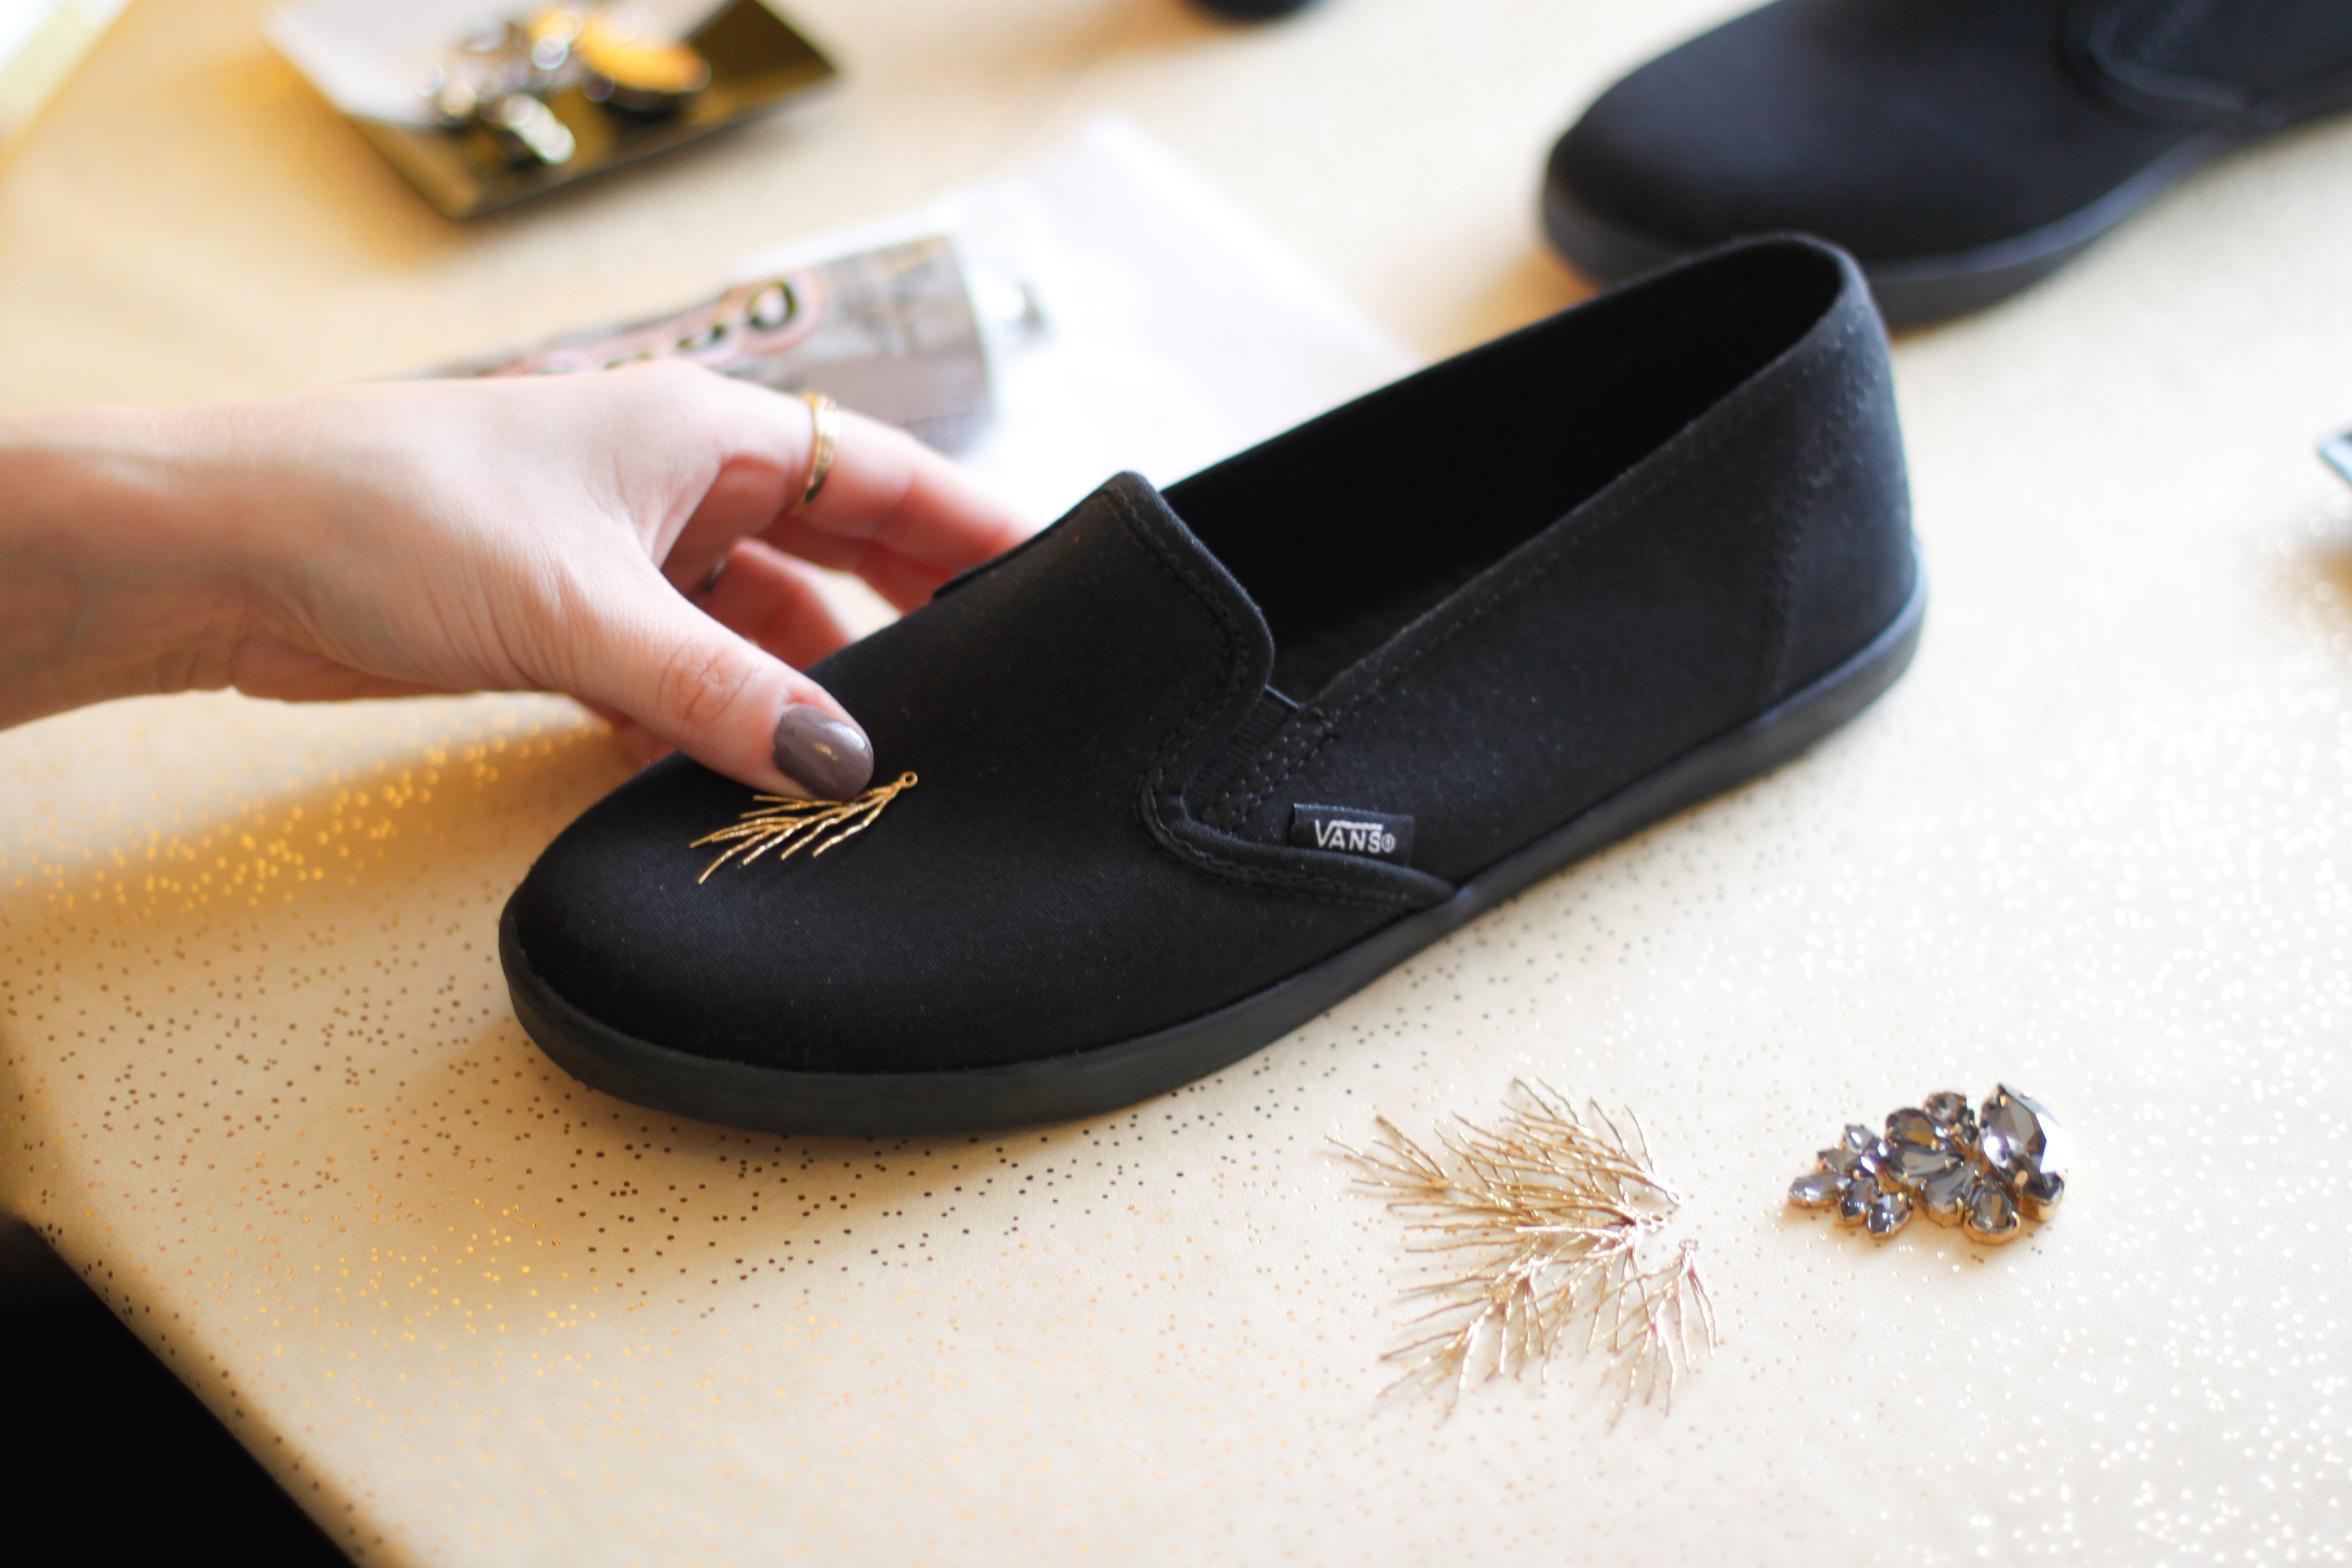 DIY sneakers step 1